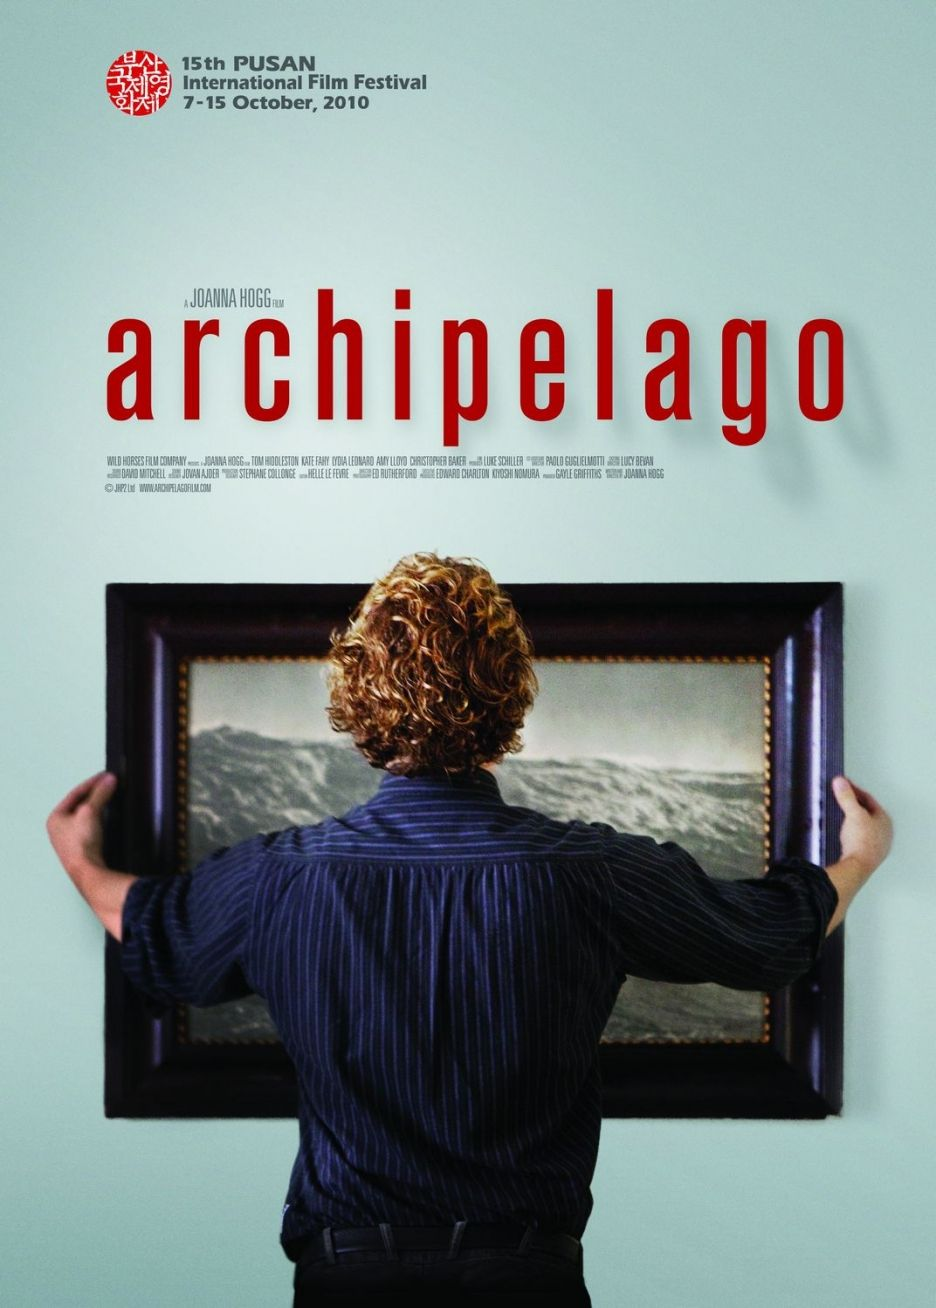 Tom hiddleston as edward in archipelago 2010 http